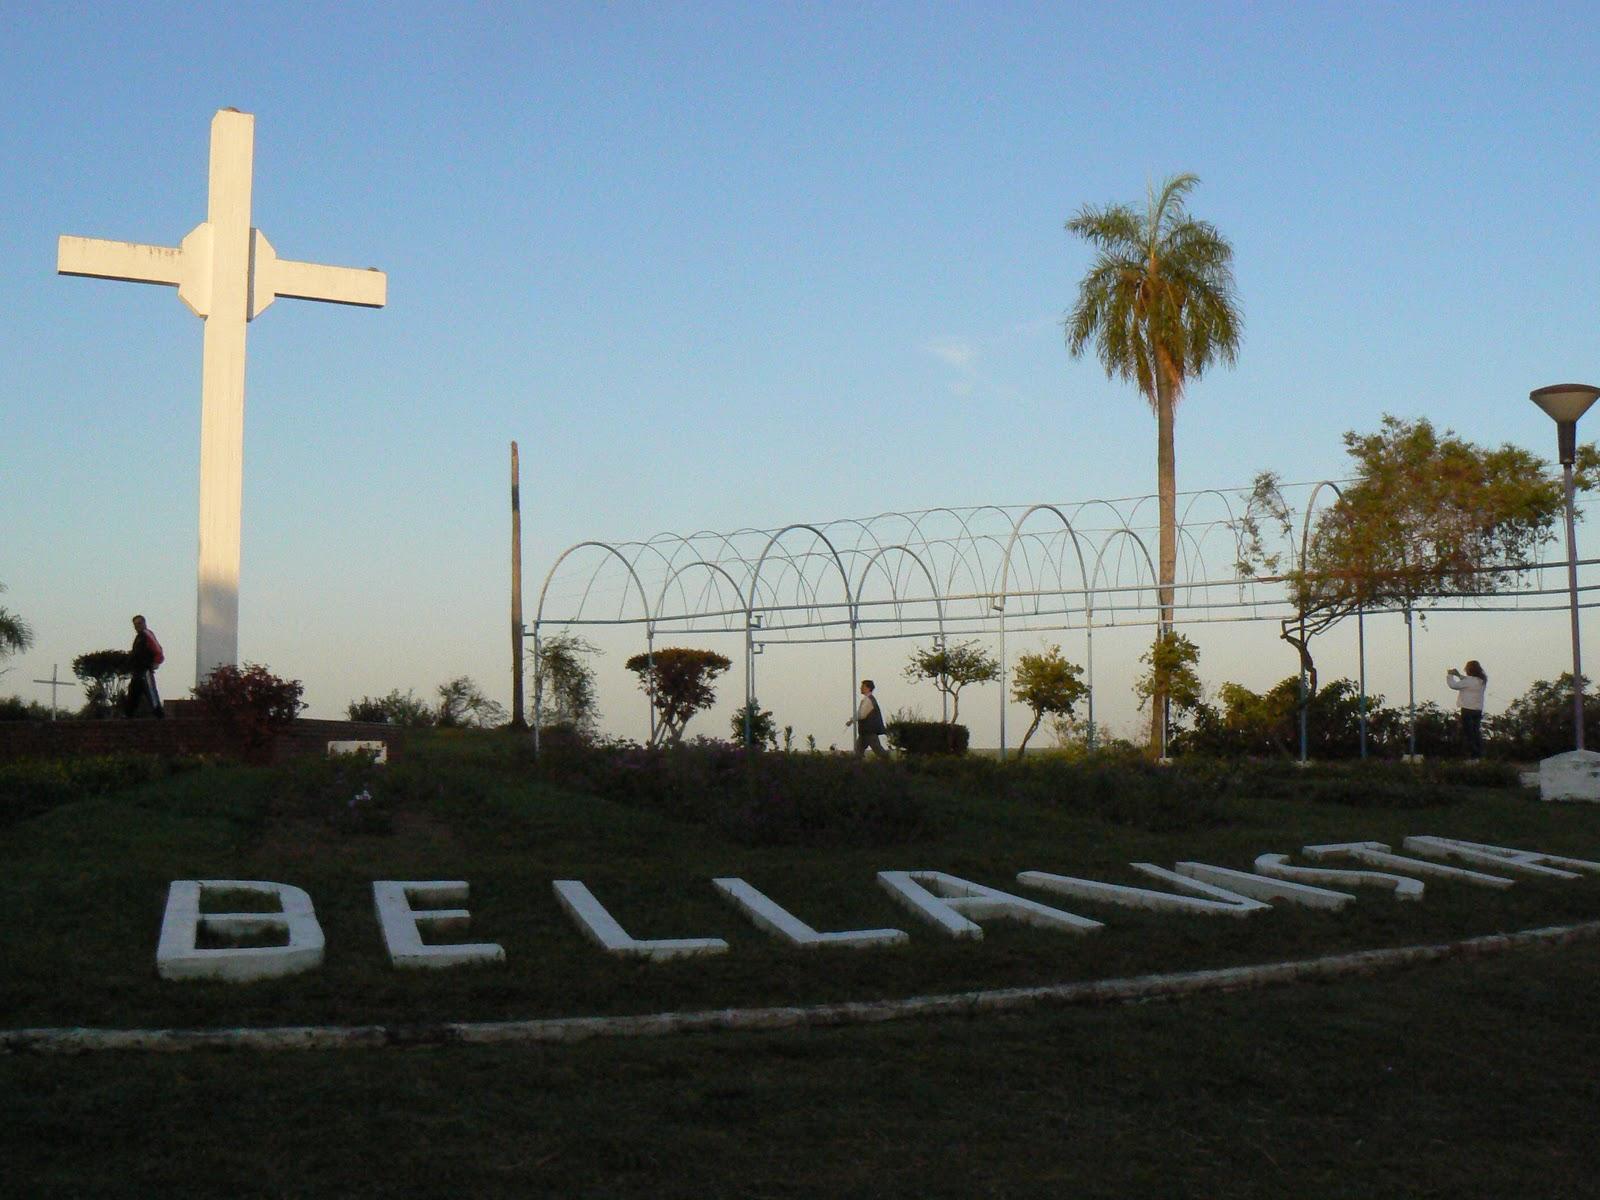 La Historia de Bellavista, Corrientes - Region Litoral